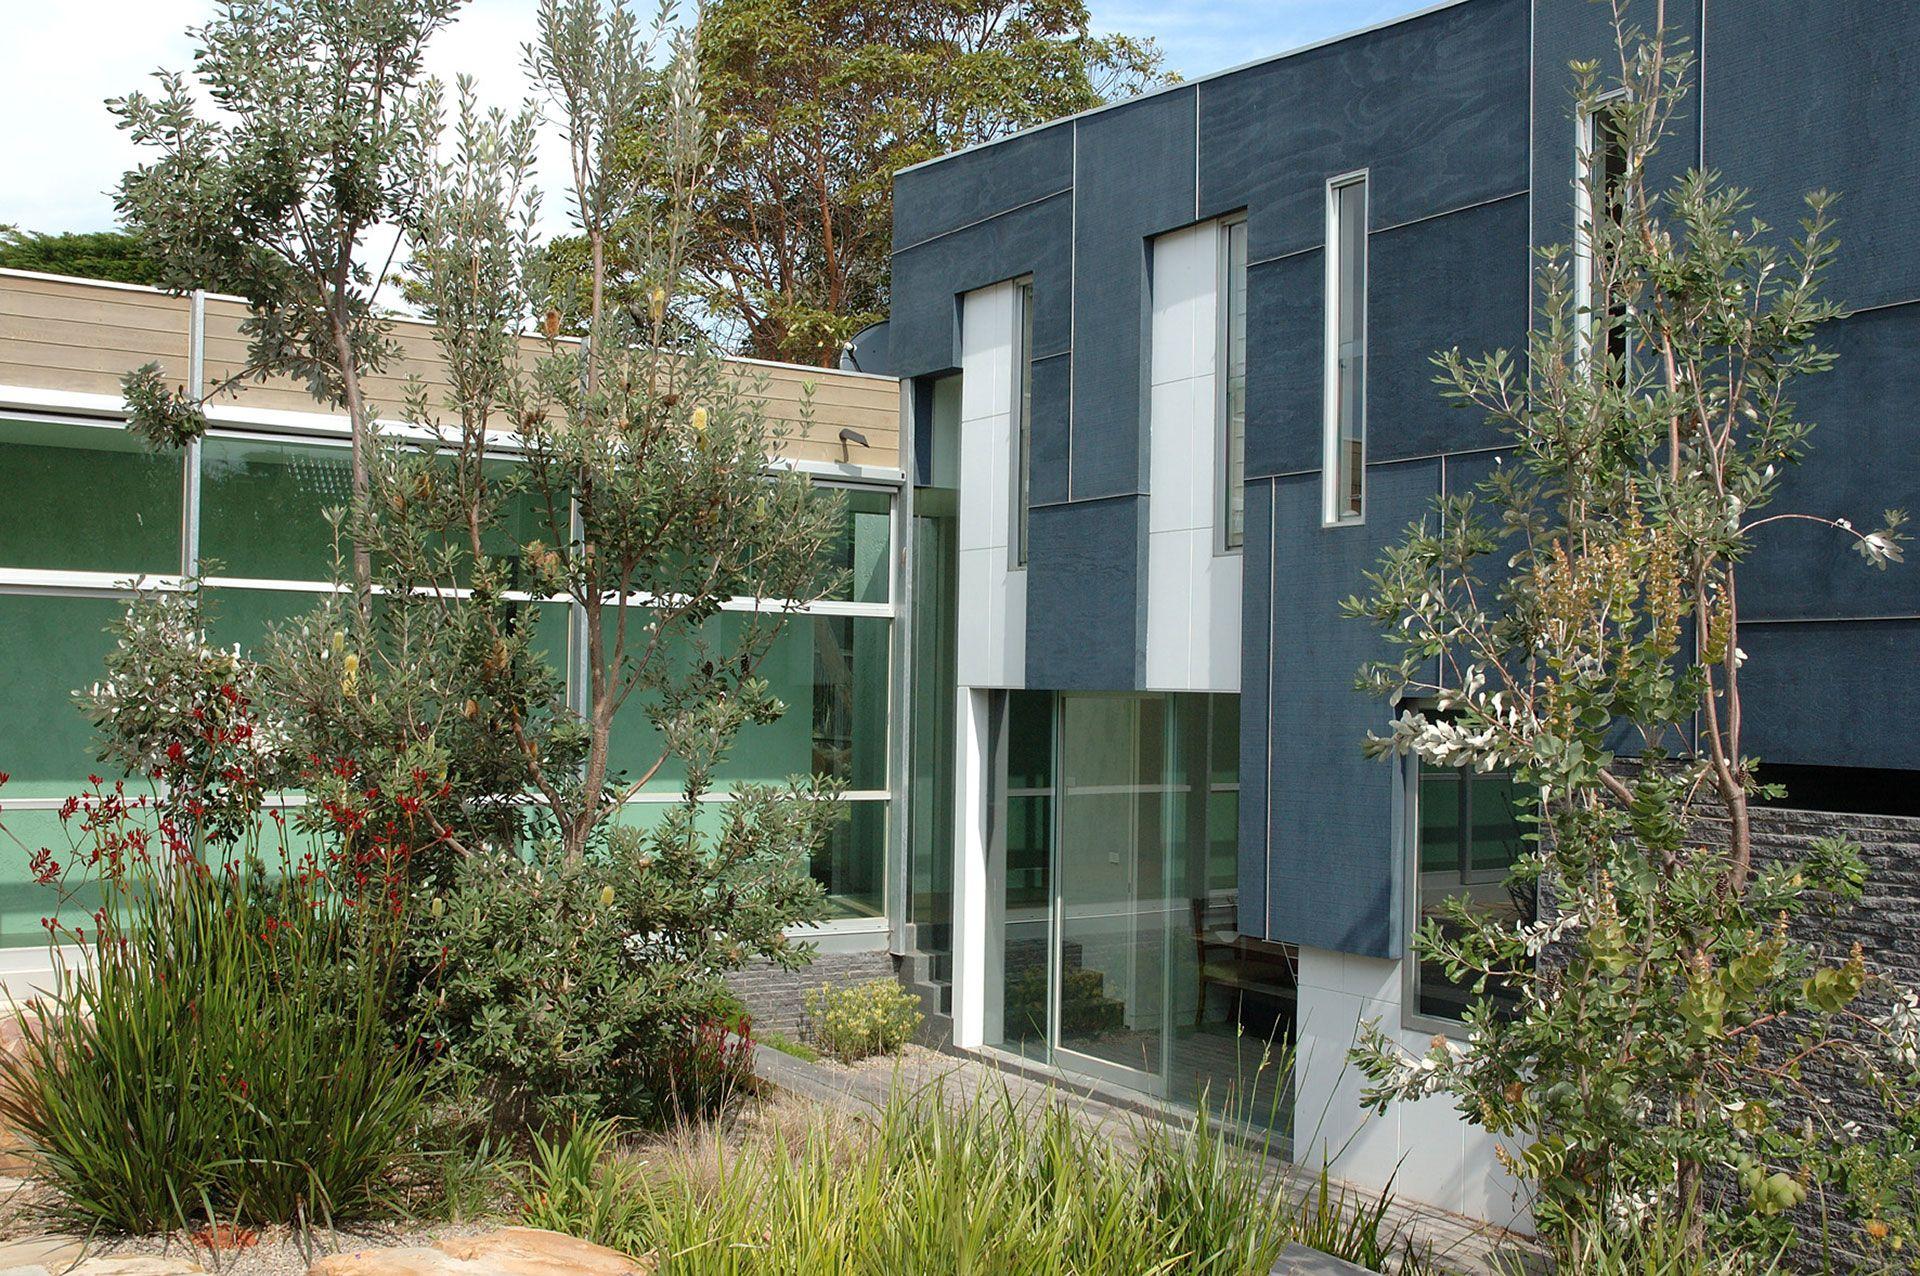 Bdlc mt eliza 10 courtyard garden wr